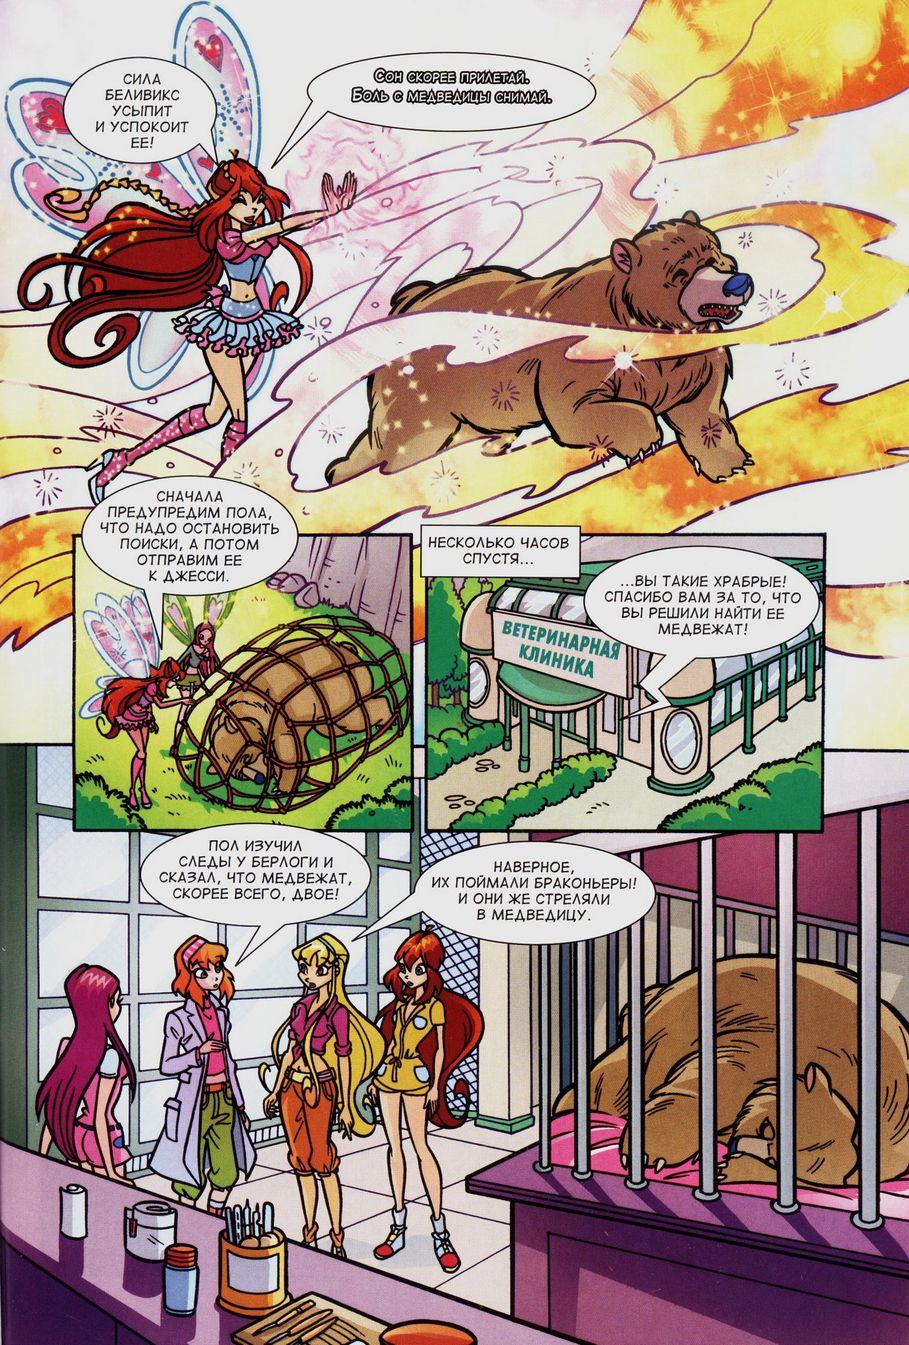 Комикс Винкс Winx - Надежда и разочарование (Журнал Винкс №5 2011) - стр. 45